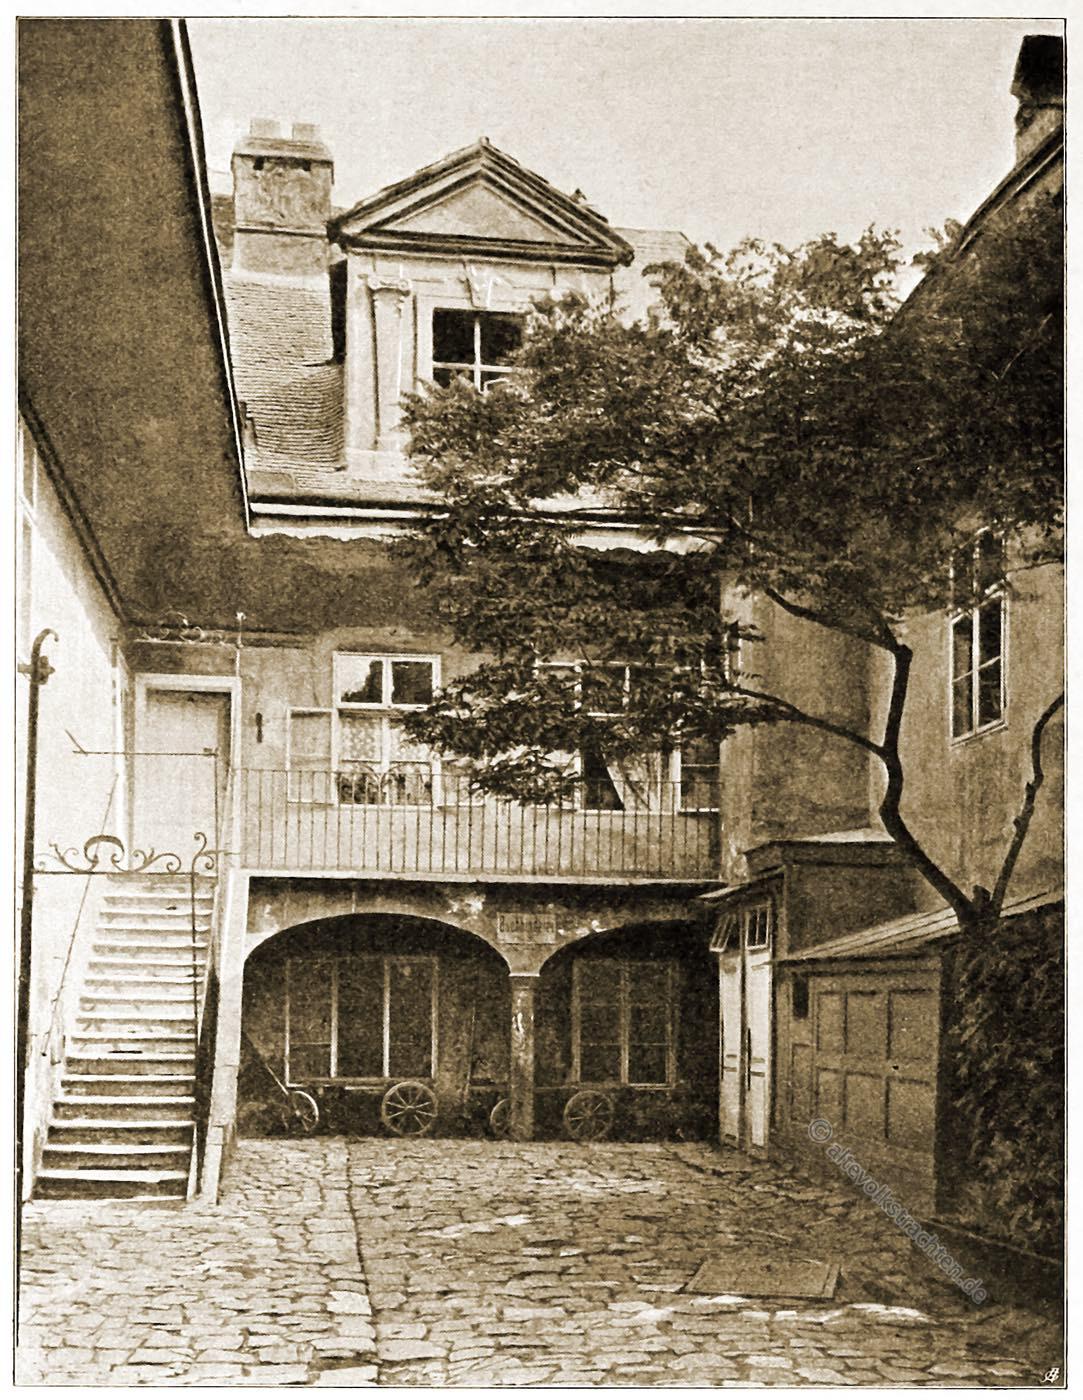 Wien, Amerling, Geburtshaus, Stiftgasse, Architektur, Österreich, Stadtansicht, Hartwig, Fischel, Wahrzeichen, Sehenswürdigkeit,